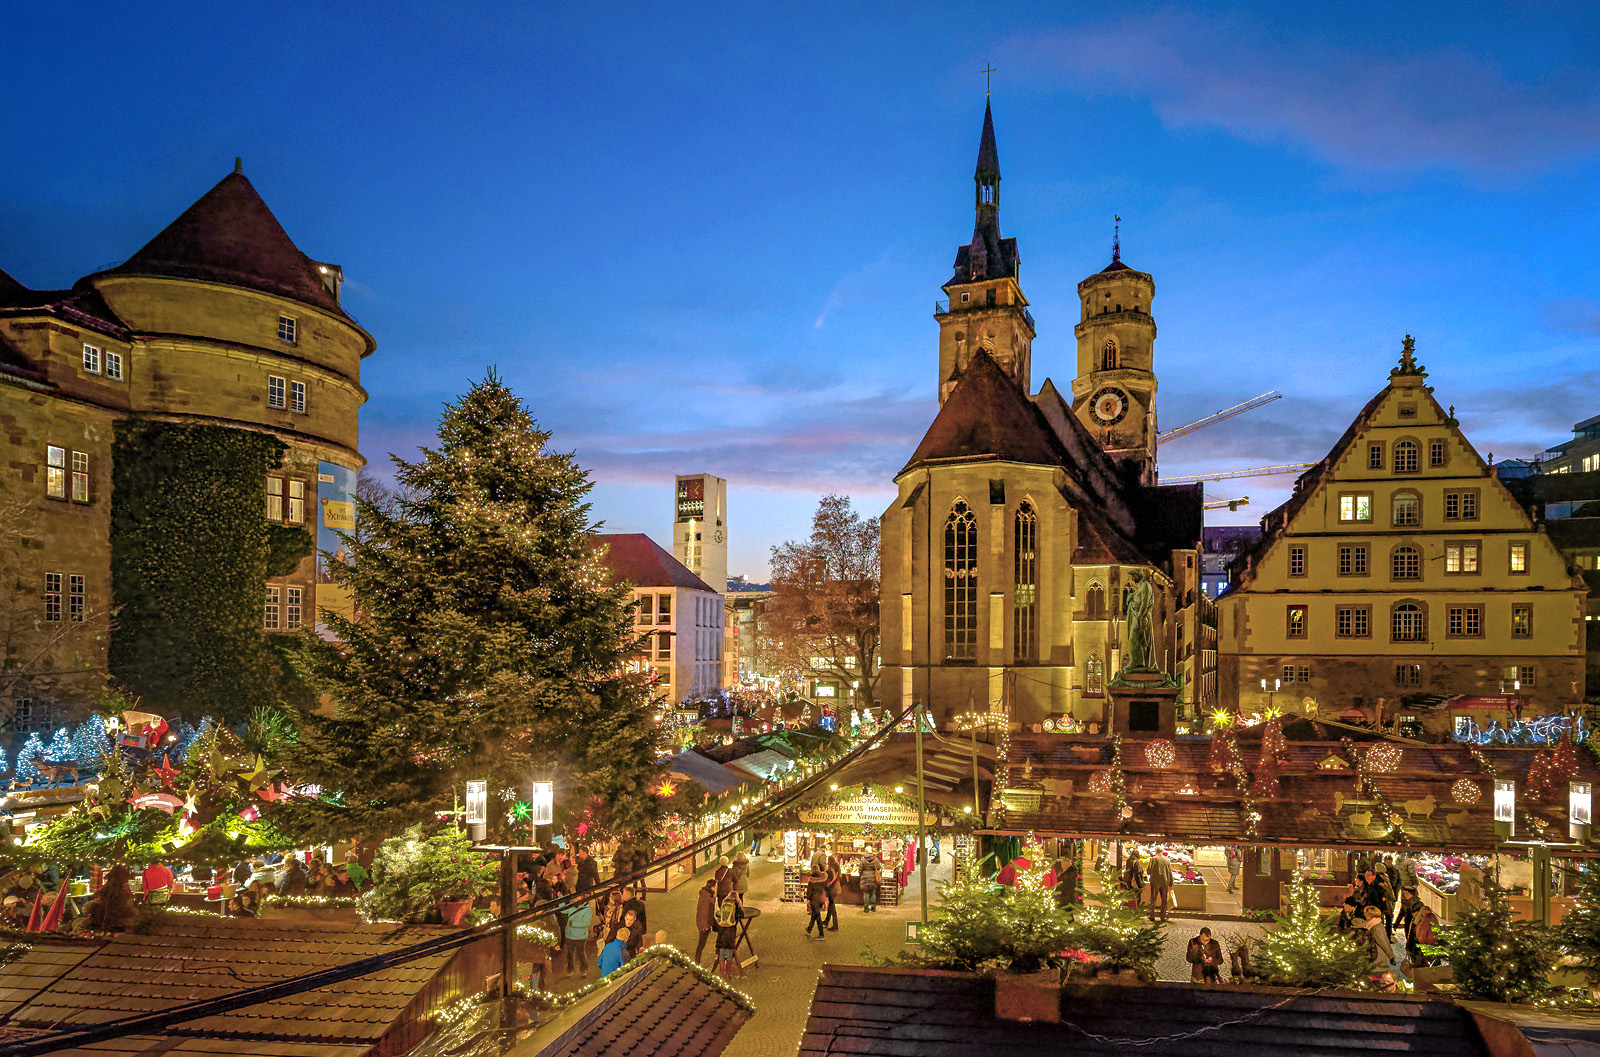 Stuttgart Weihnachtsmarkt.Das Stuttgarter Weihnachtsmarkt Foto Bild Architektur